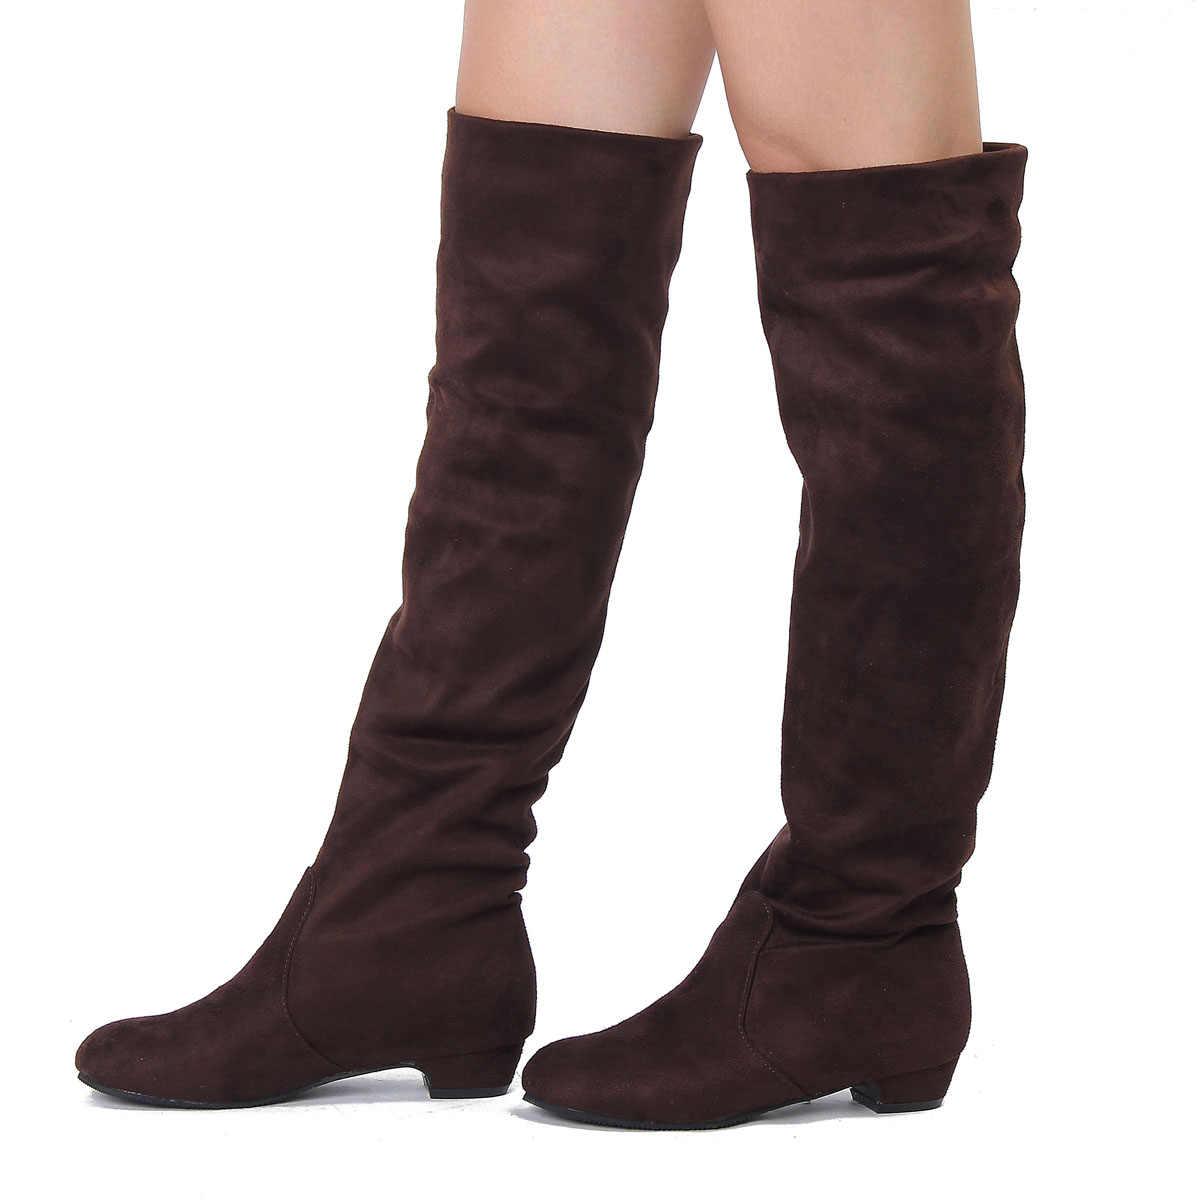 e2db0a28a Пикантные сапоги розничная продажа новинка однотонные женские ботинки осень- зима-весна женские сапоги выше